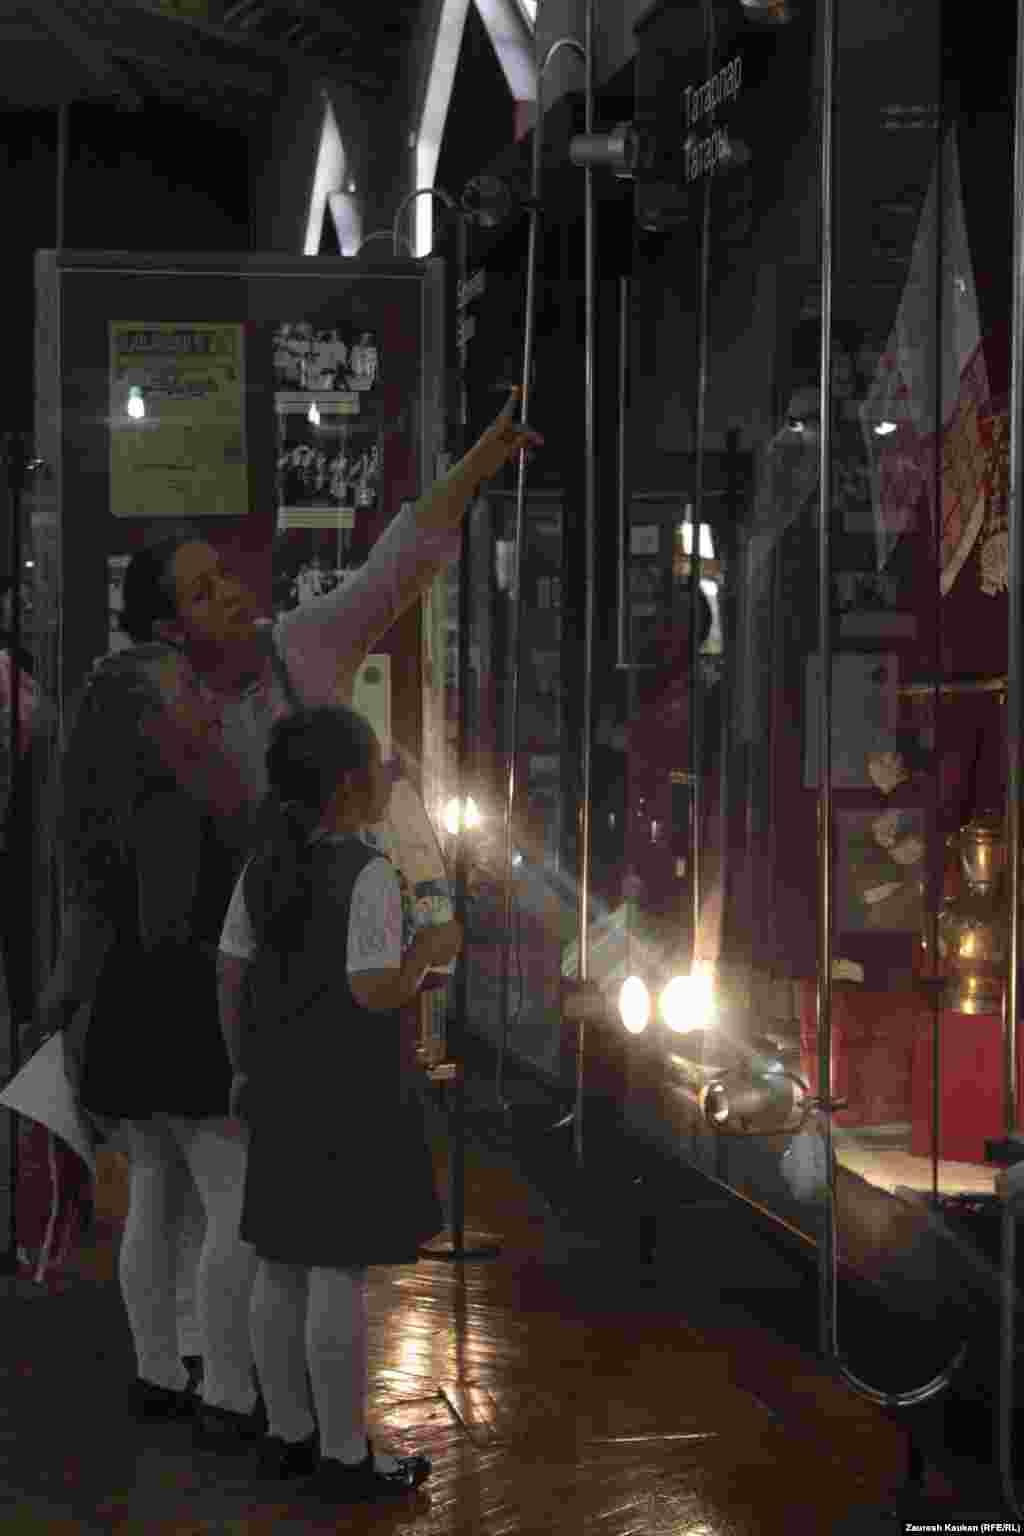 Эта посетительница акции показывает своим дочерям экспонаты выставки о жизни татарской общины.